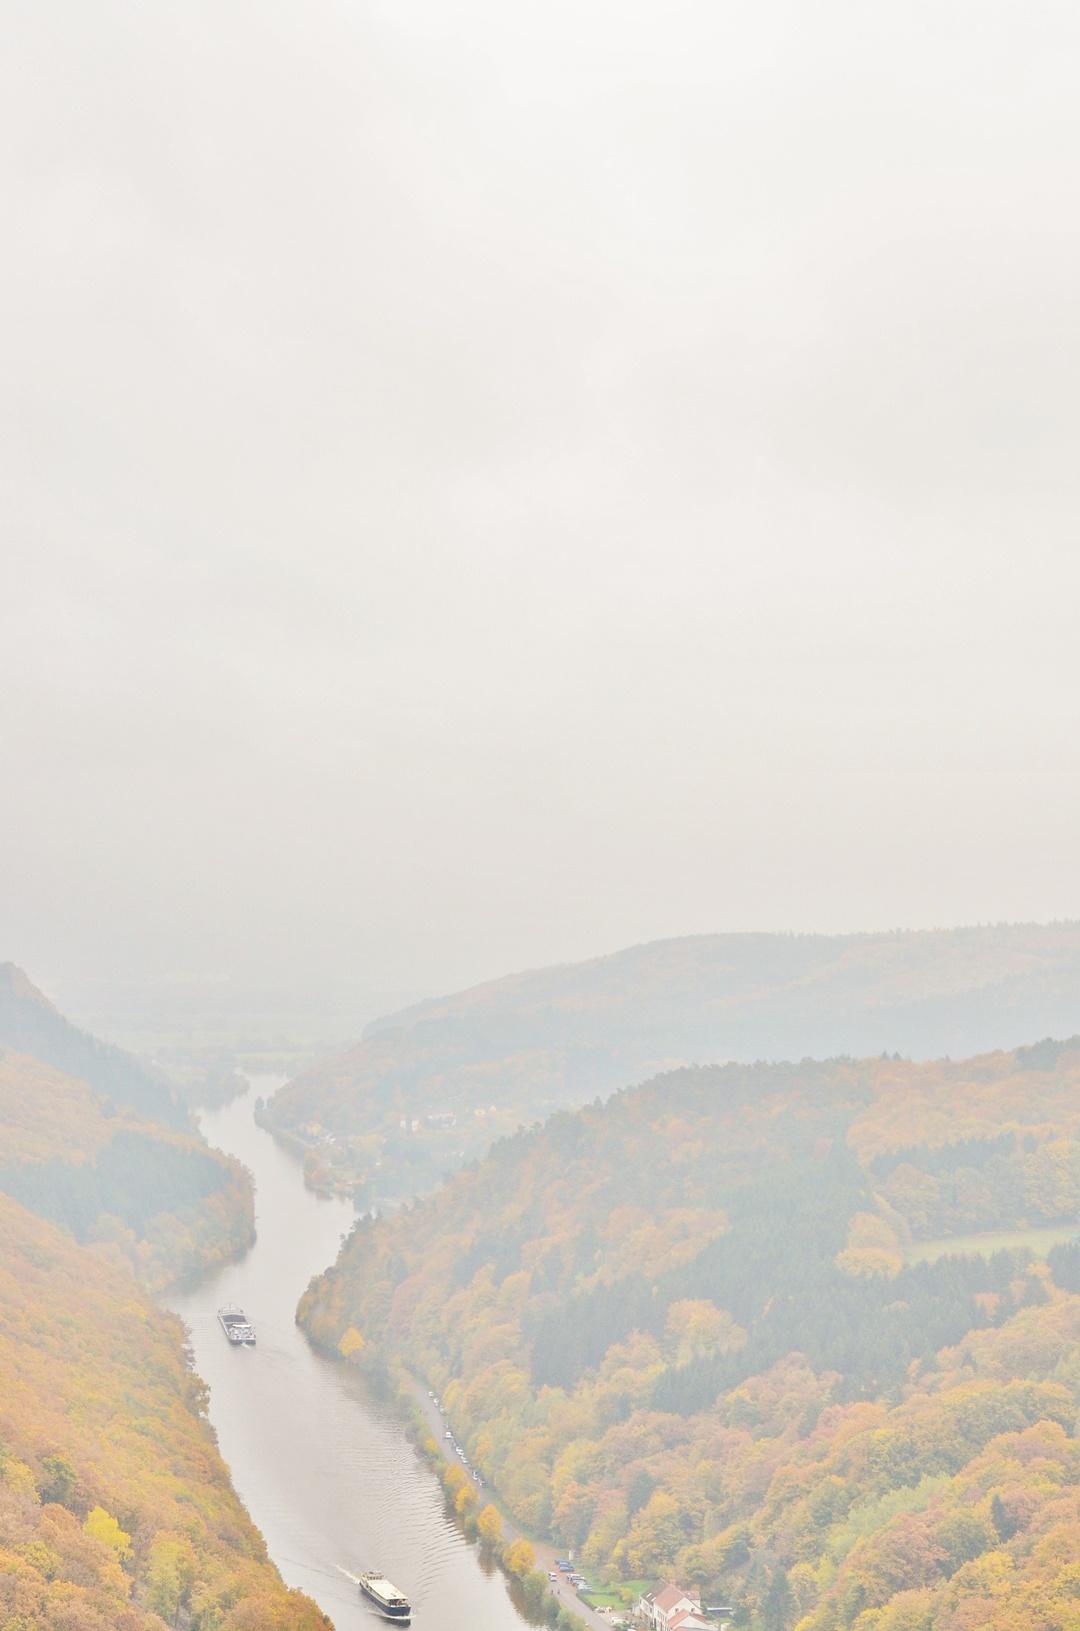 Saarschleife_Saarland_Saarland im Herbst_Herbstreise_Bullitour_Herbst in Deutschland_Reiseblog Saarland_Deutschlandreise_Saarschleife im Herbst_Annanikabu (6)